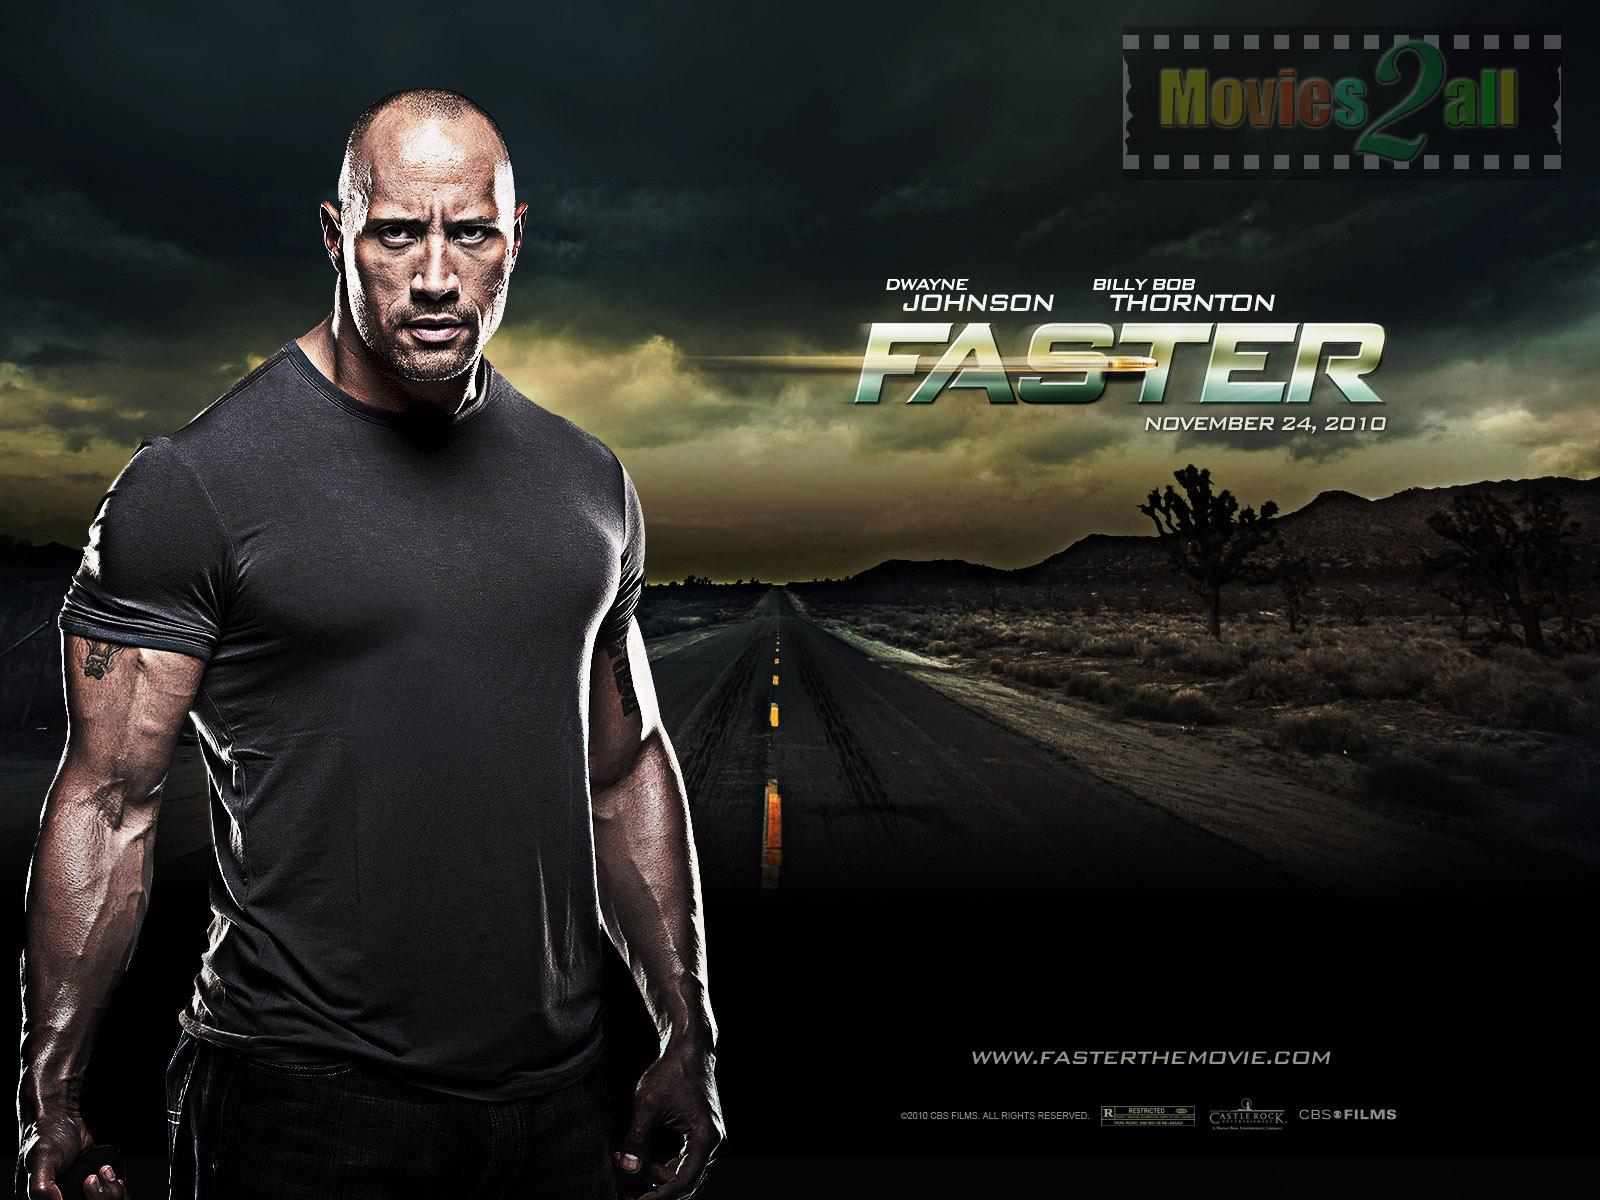 http://3.bp.blogspot.com/_eIKgIhPQA9o/TUrg2DDk2QI/AAAAAAAAAaY/KO08L-31T3E/s1600/faster_2010_movie-normal.jpg